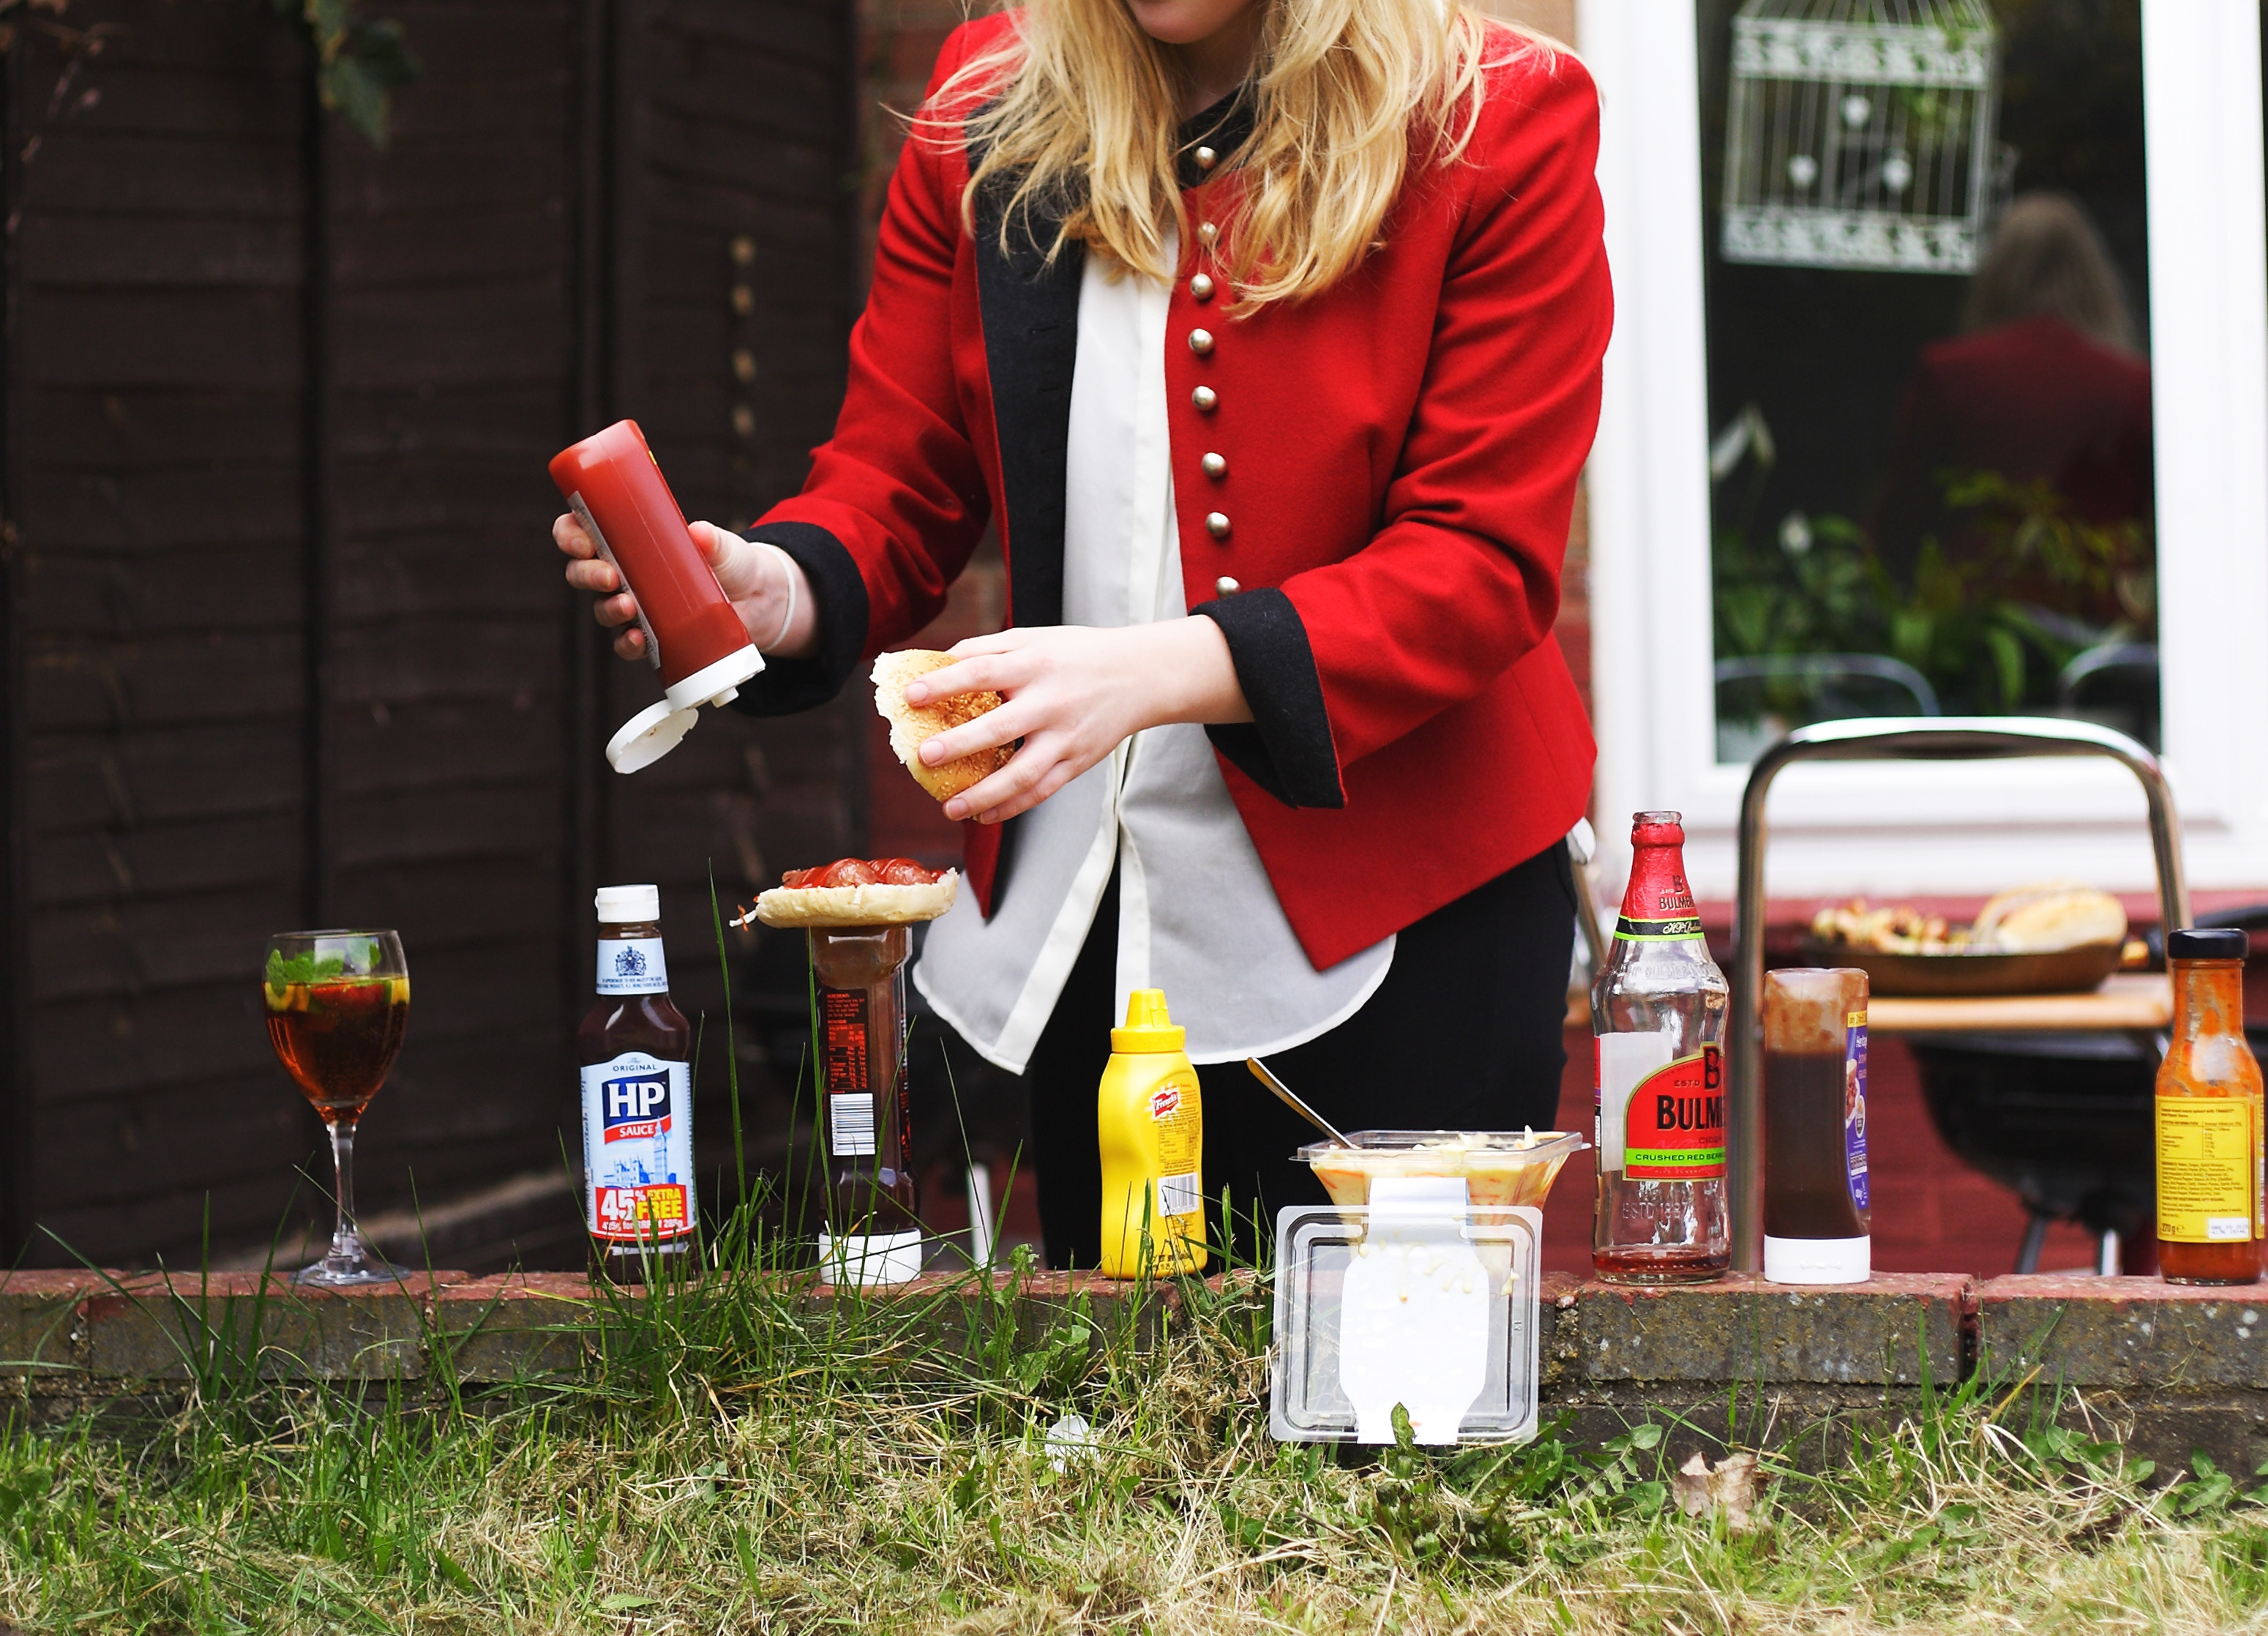 Gesund grillen: Eine Frau gibt Soße auf den Burger